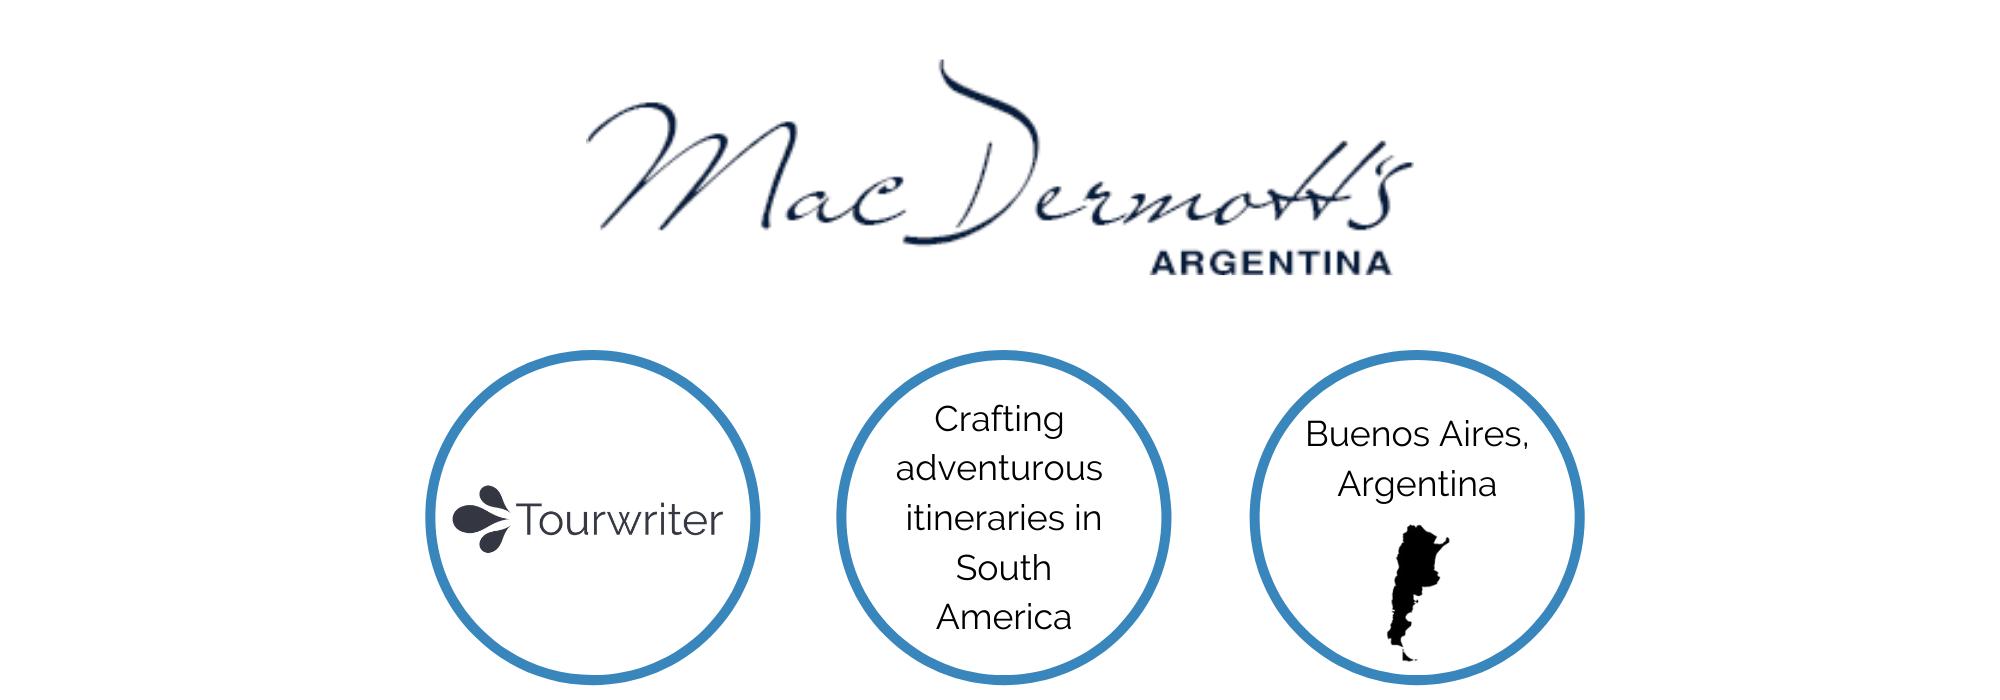 macdermotts argentina